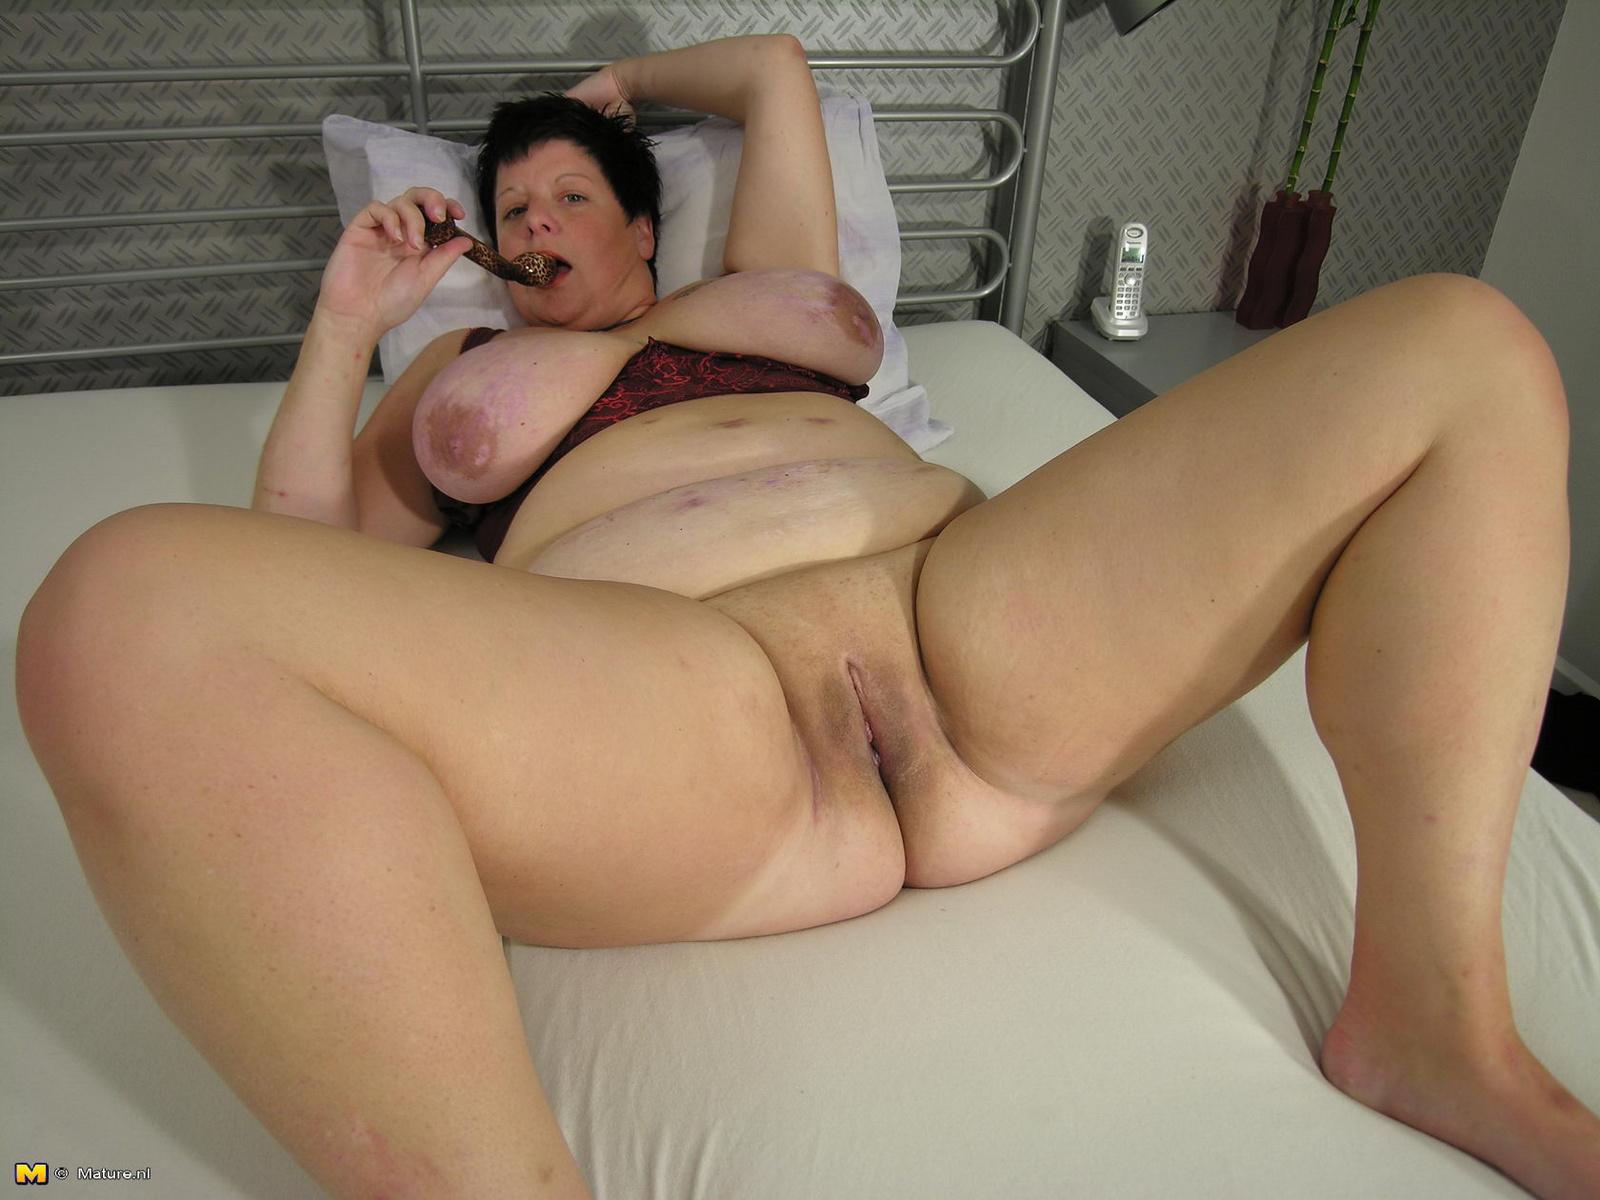 Трах полной тётки, Зрелые толстушки порно подборки на Секс Зима 13 фотография